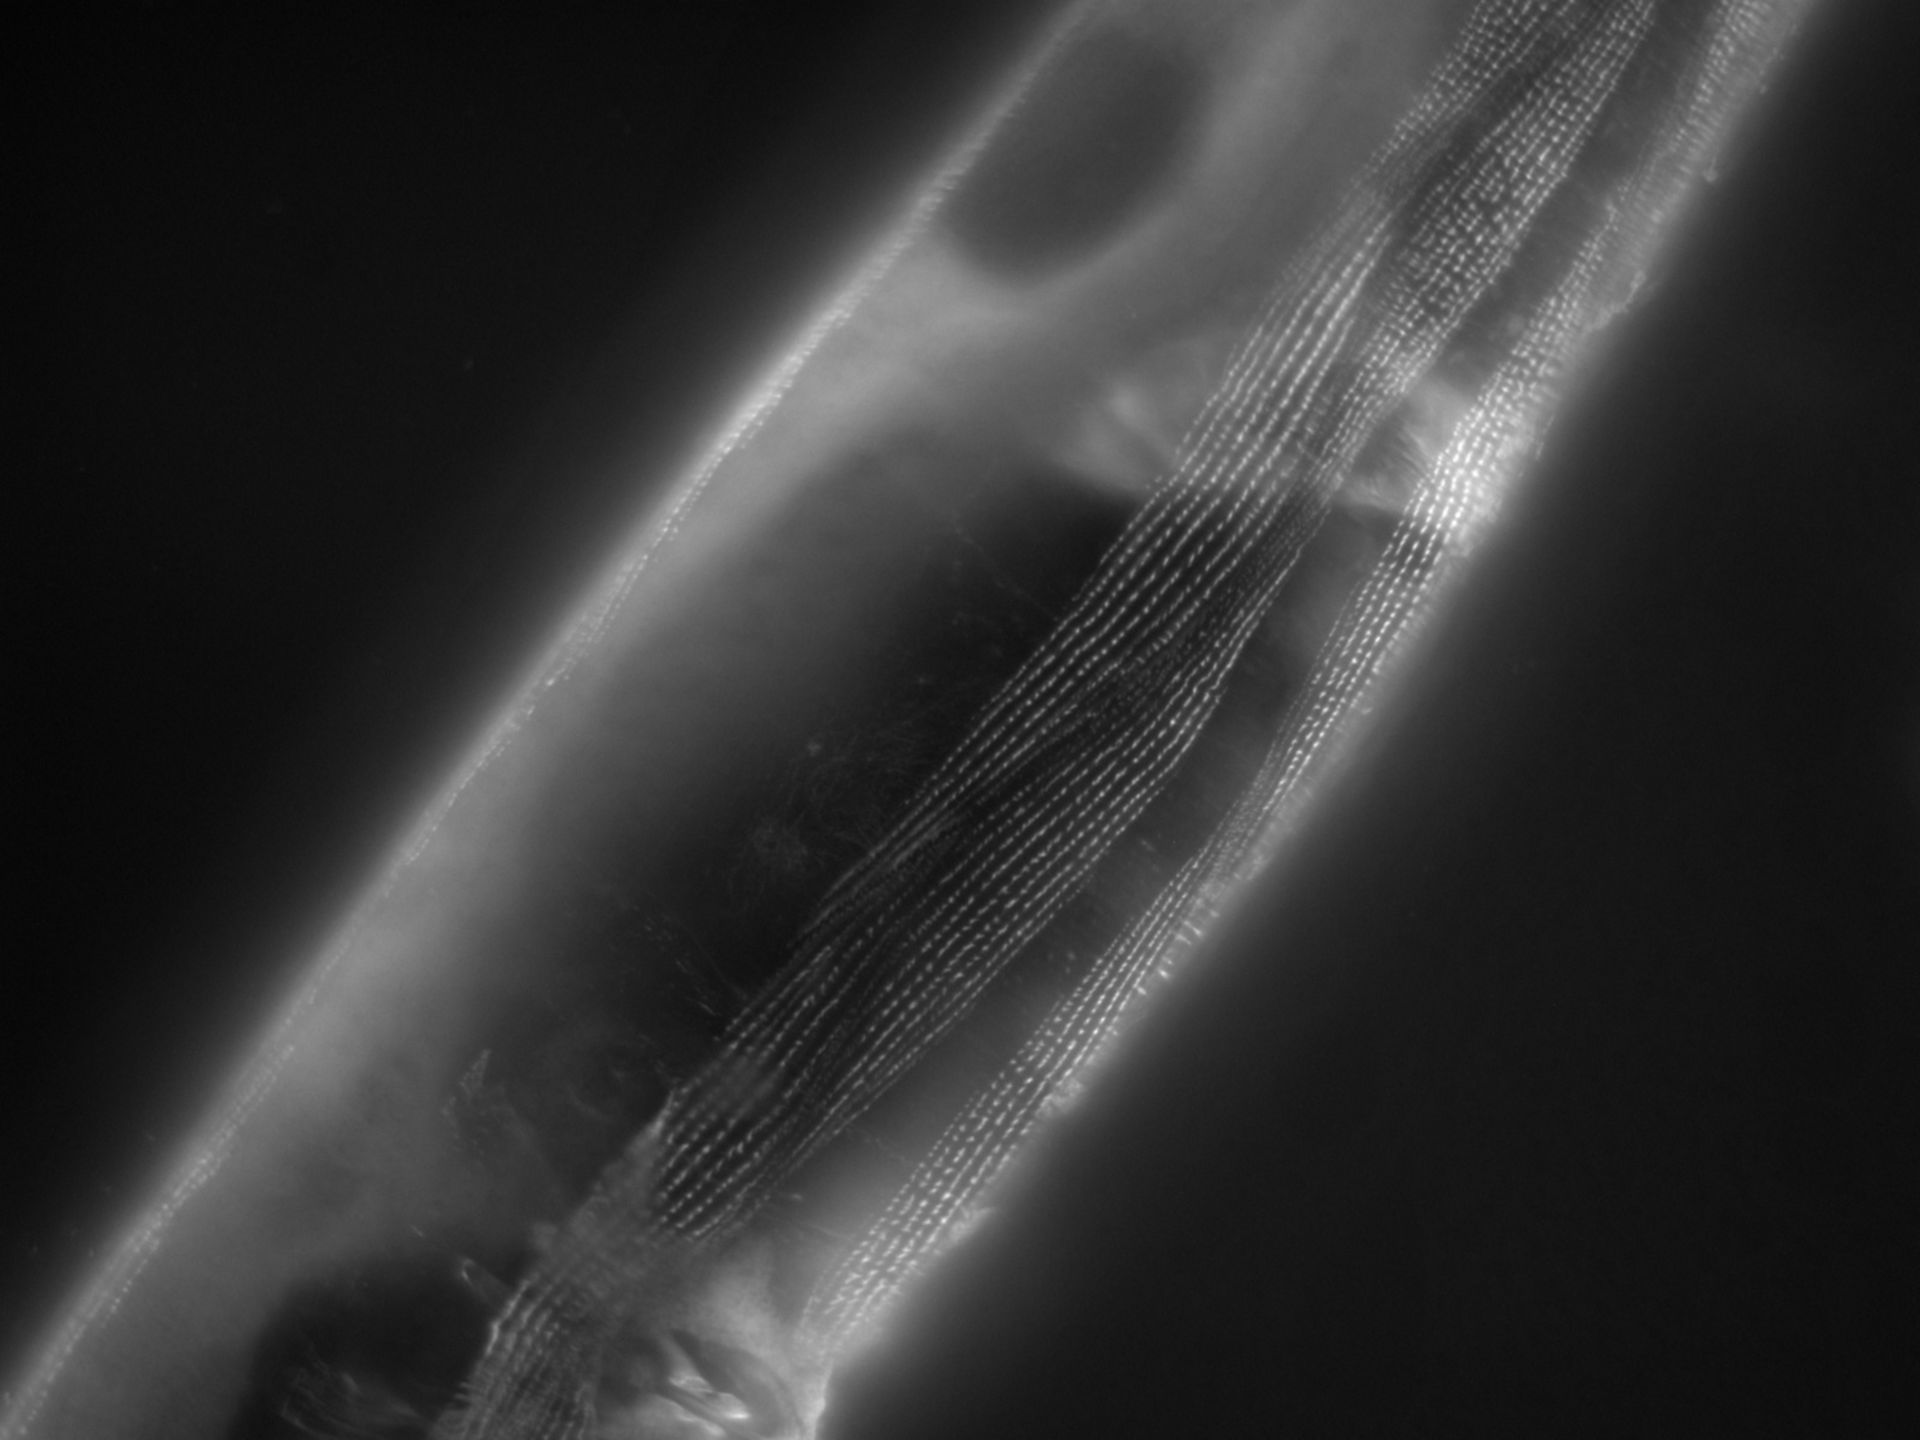 Caenorhabditis elegans (Actin filament) - CIL:1171